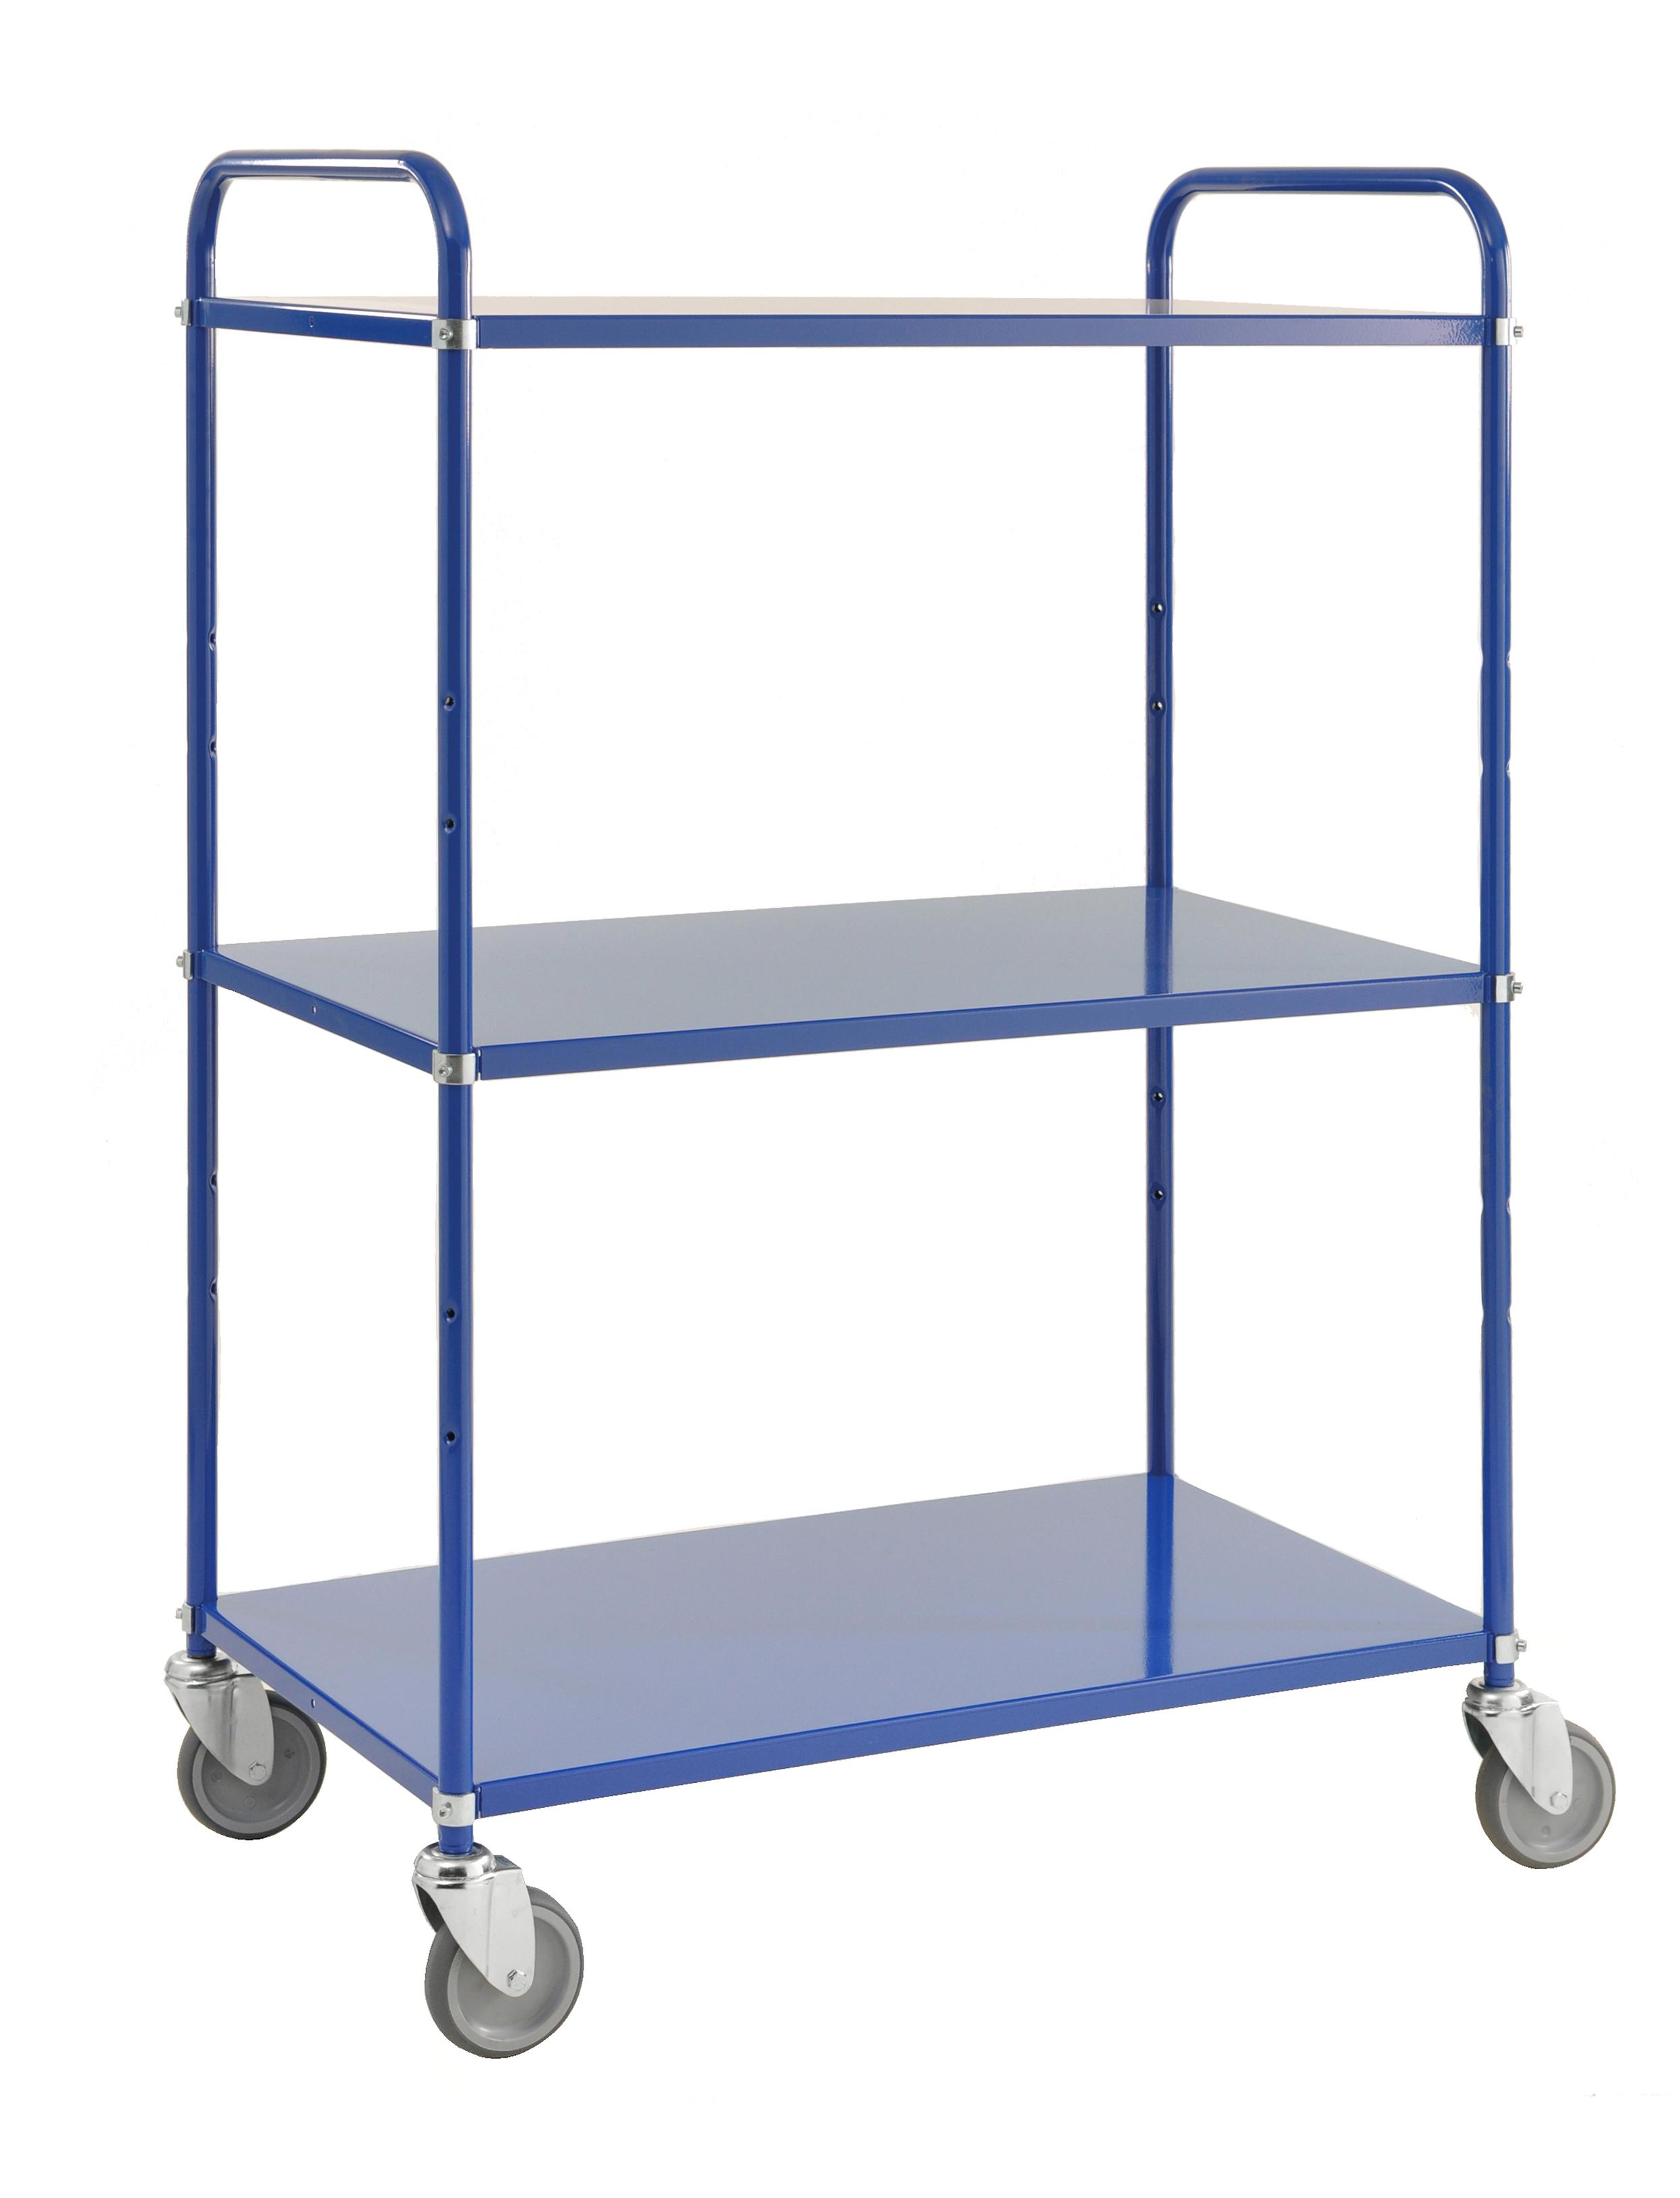 Light shelf trolley KM4123-B